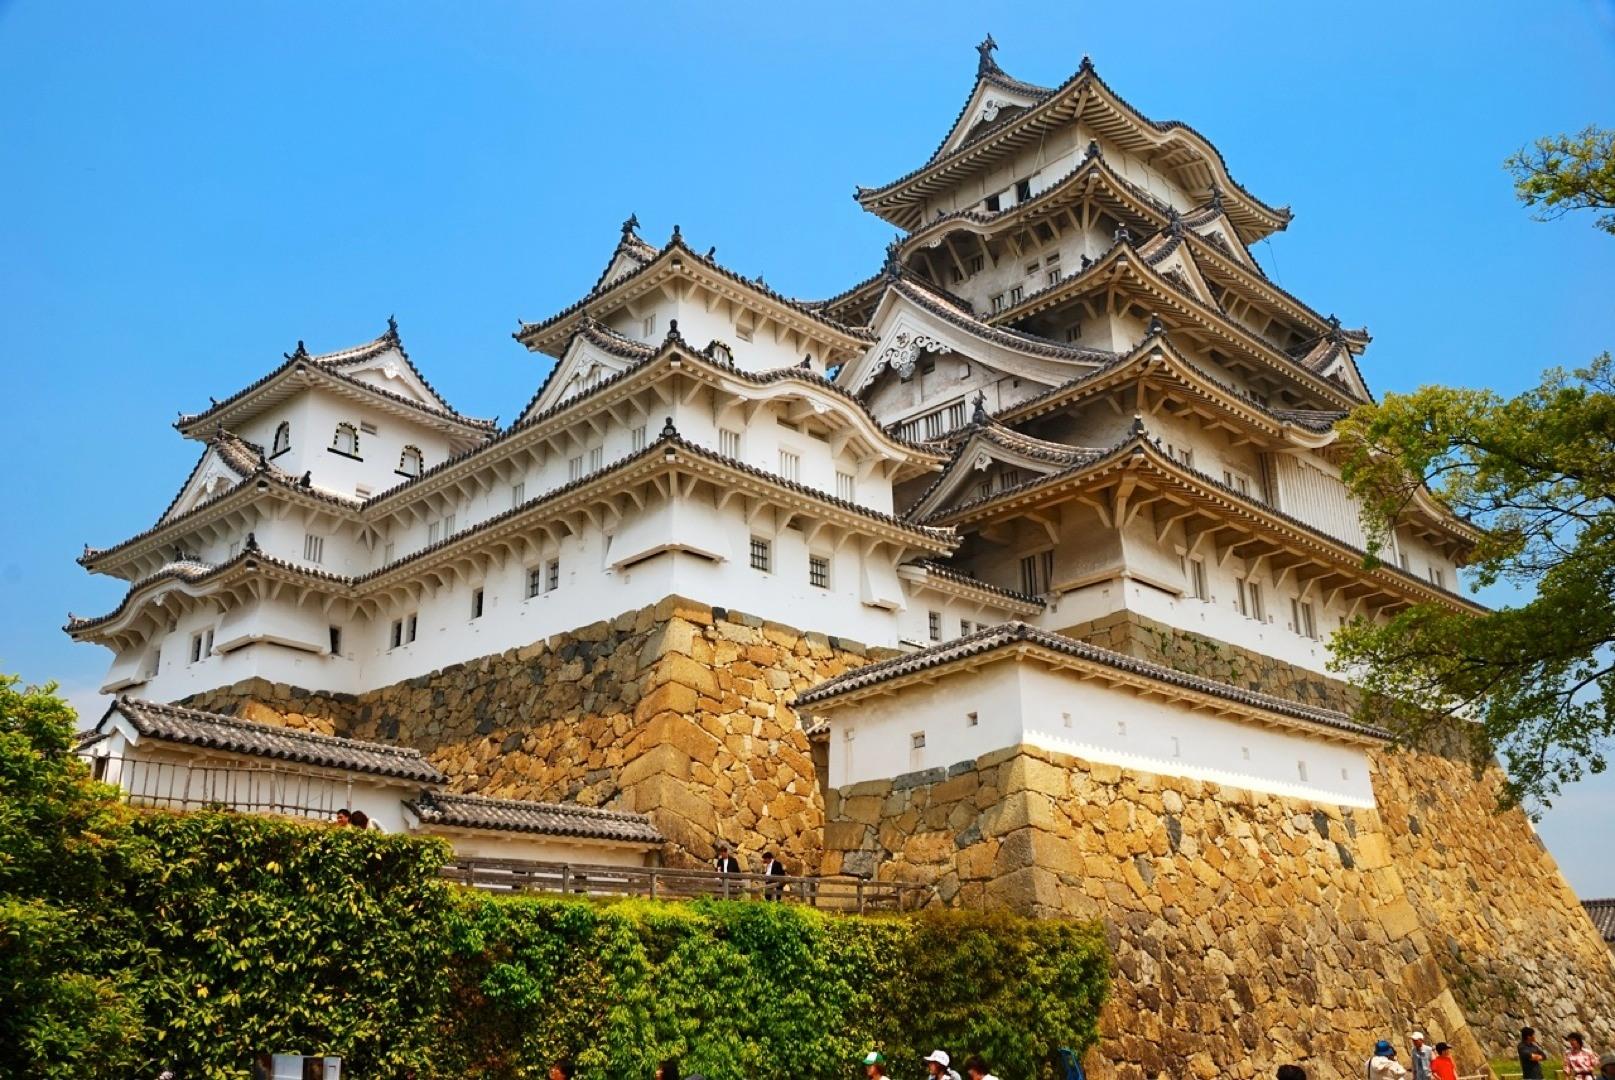 Lâu đài Himeji của Nhật Bản